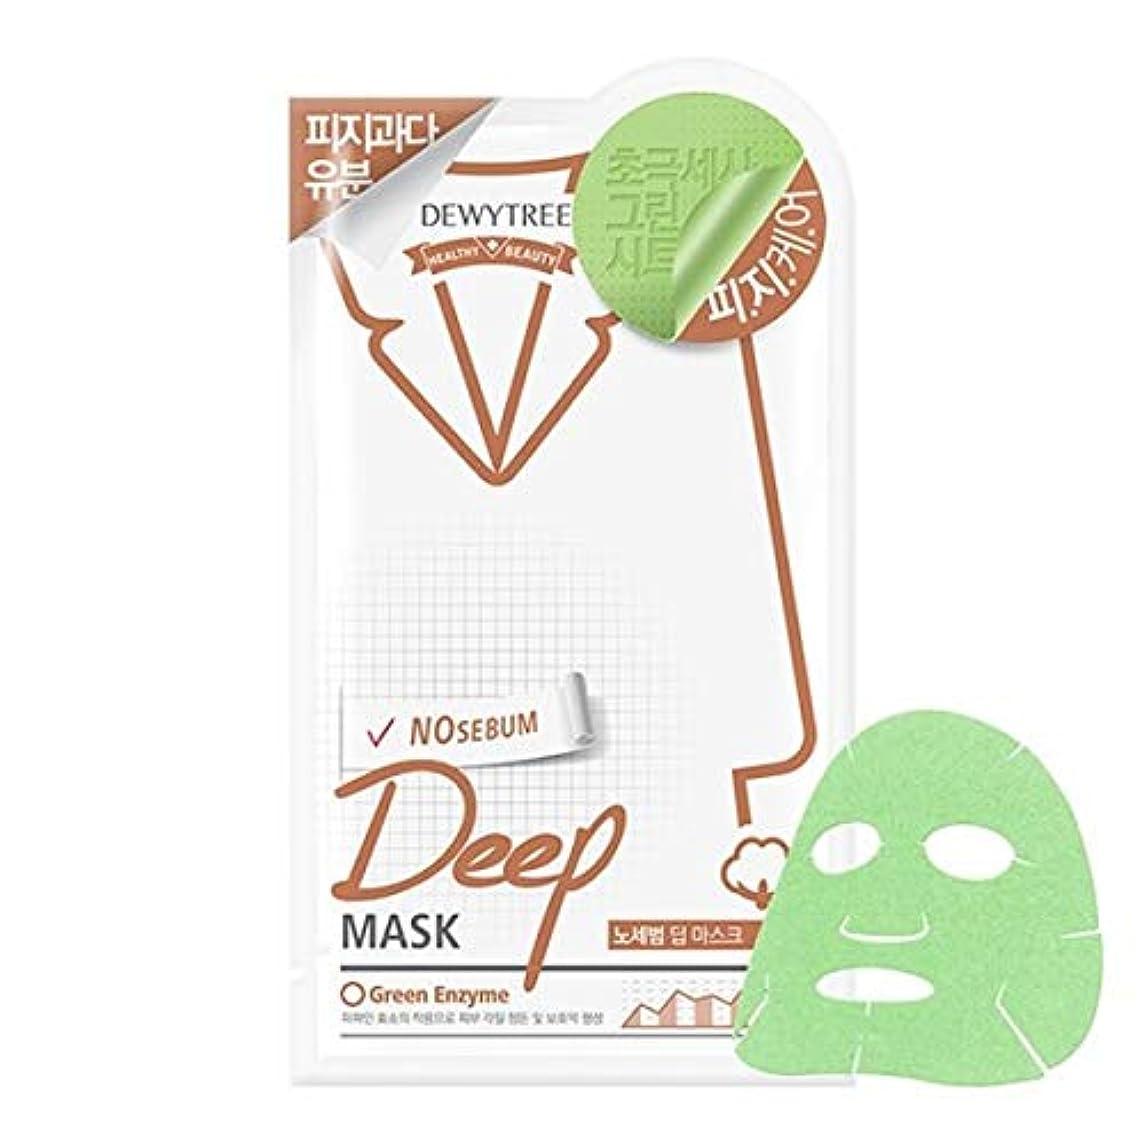 ショップ特派員死ぬ(デューイトゥリー) DEWYTREE ノセボムディープマスク 20枚 Nosebum Deep Mask 韓国マスクパック (並行輸入品)